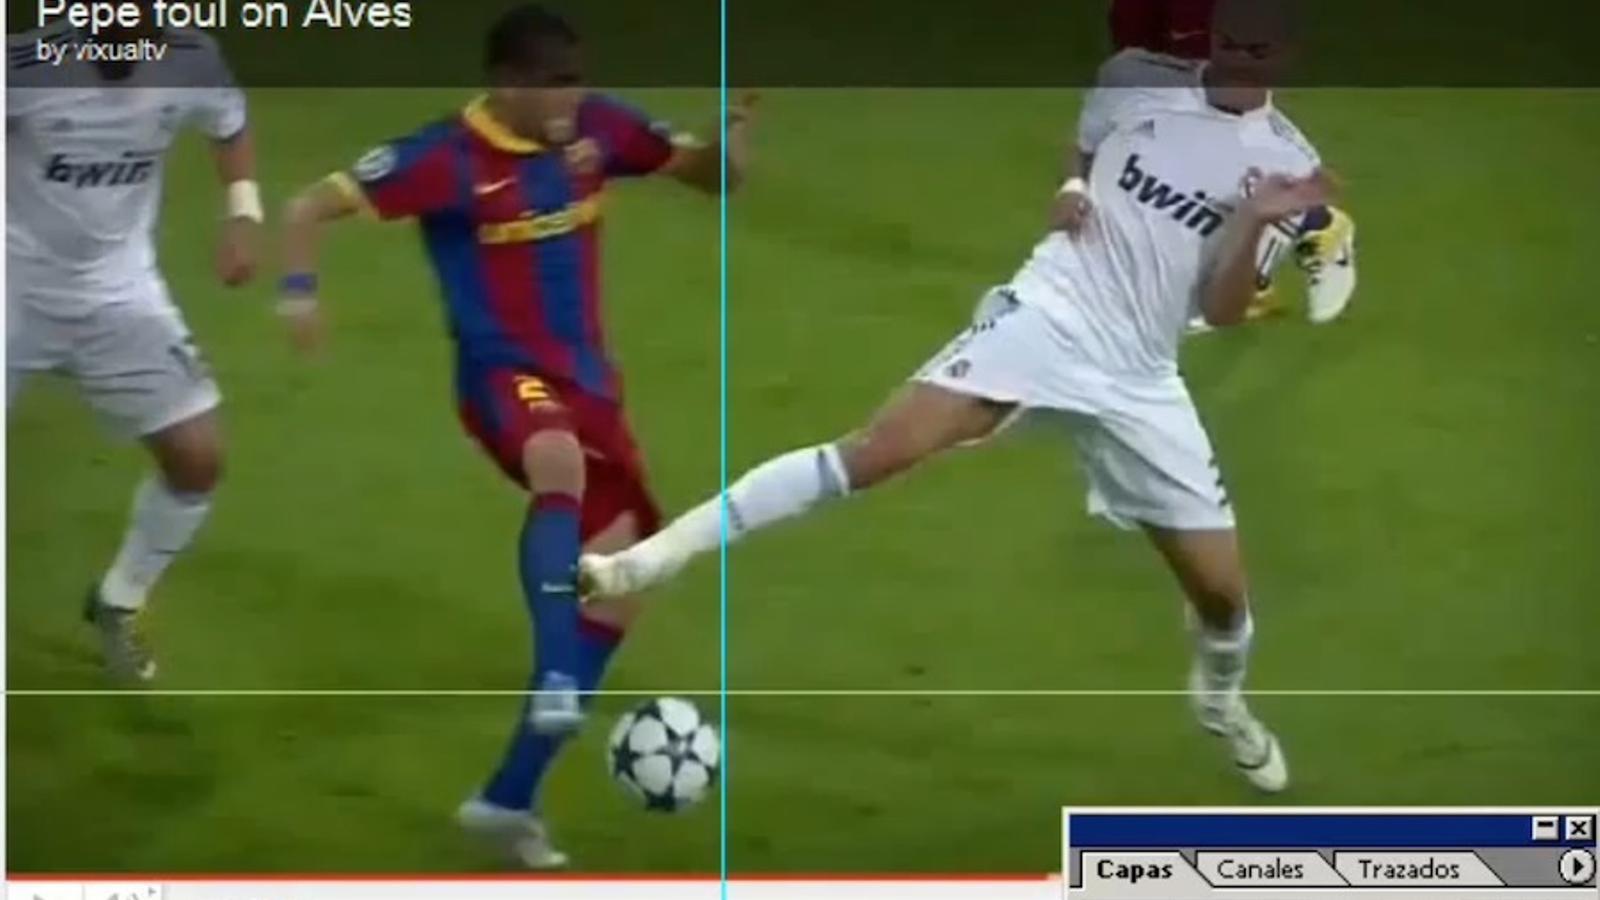 Vídeo sobre la suposada manipulació de les imatges de l'entrada de Pepe a Alves